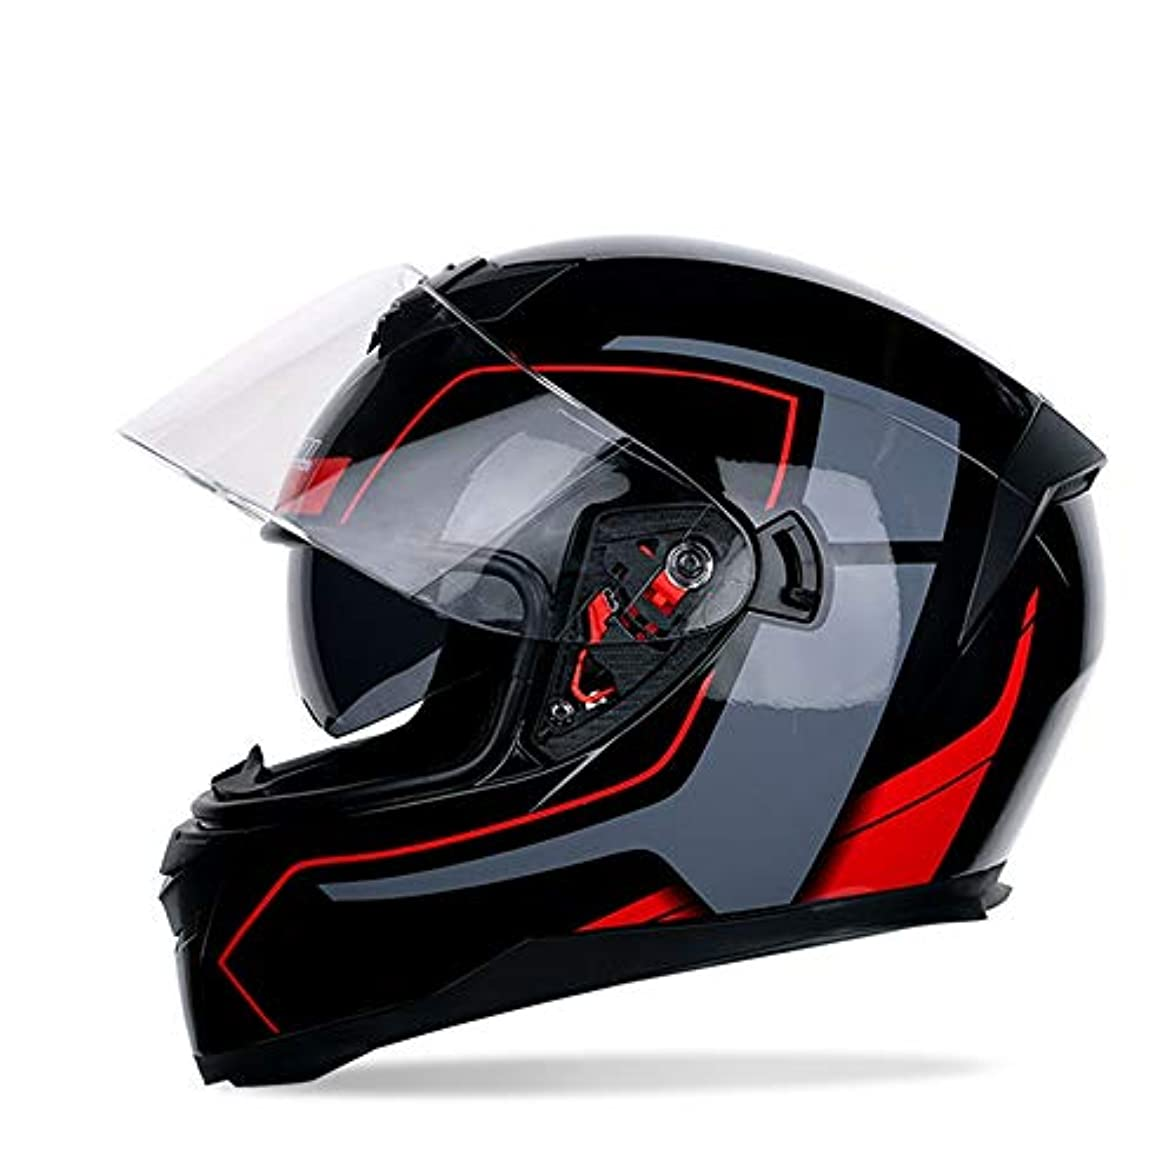 誓い予見する性格安全性 透明レンズオートバイヘルメットオープンマスクダブルレンズ男性と女性の電気自動車四季オートバイヘルメットヘルメットブラック/ブルー/レッド/マットブラック (色 : Red, Size : M)